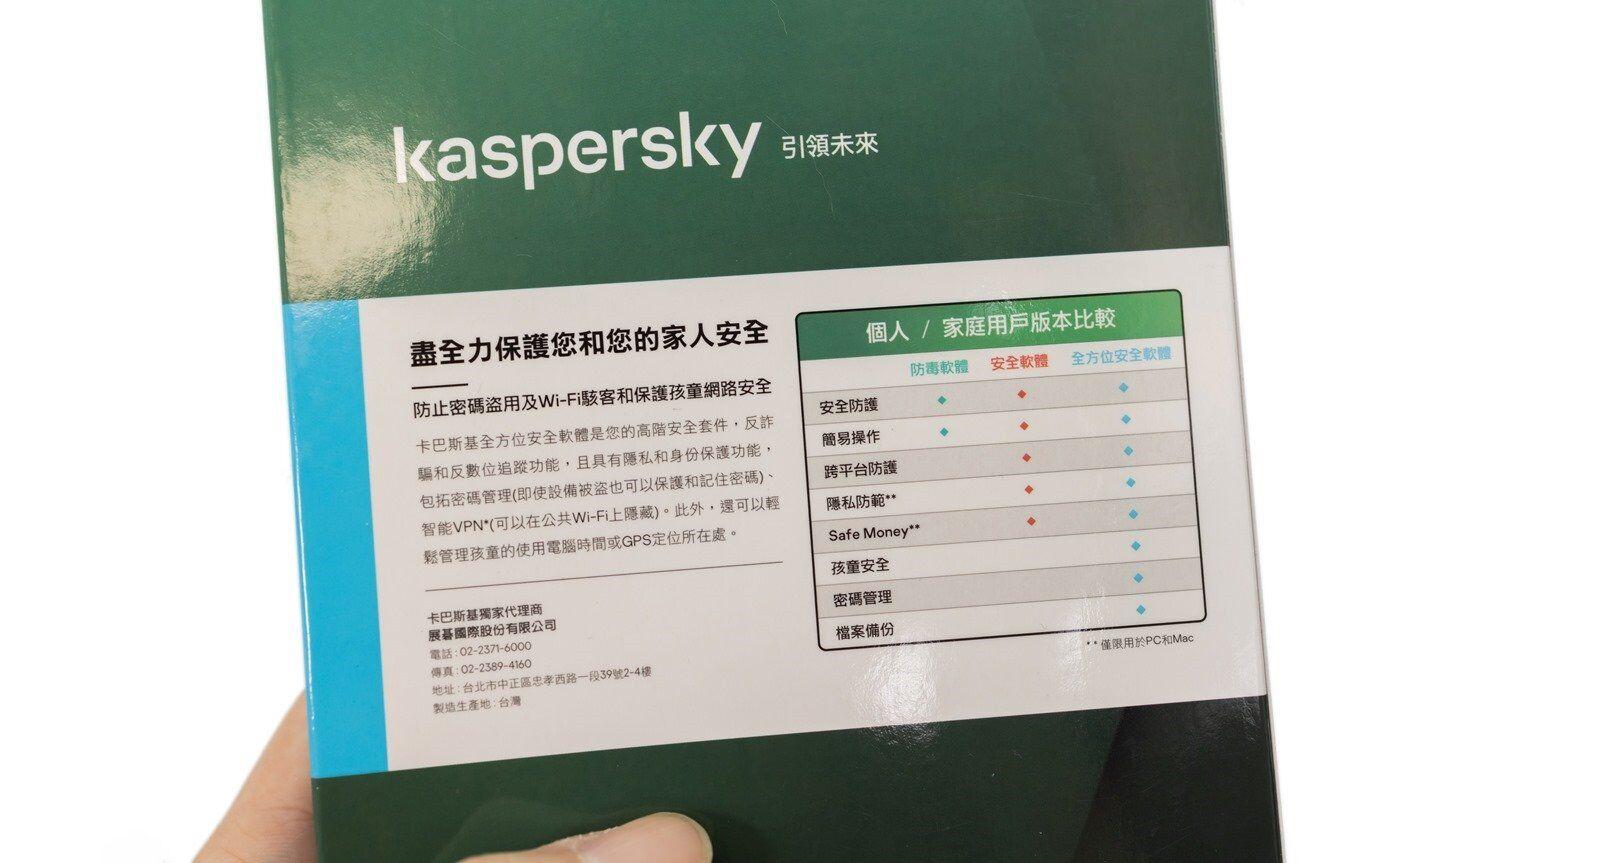 展碁國際台灣區獨家代理繁體中文版 Kaspersky 卡巴斯基全方位安全軟體+ MICROSOFT 365 個人版,開學開工網路安心使用必備 @3C 達人廖阿輝